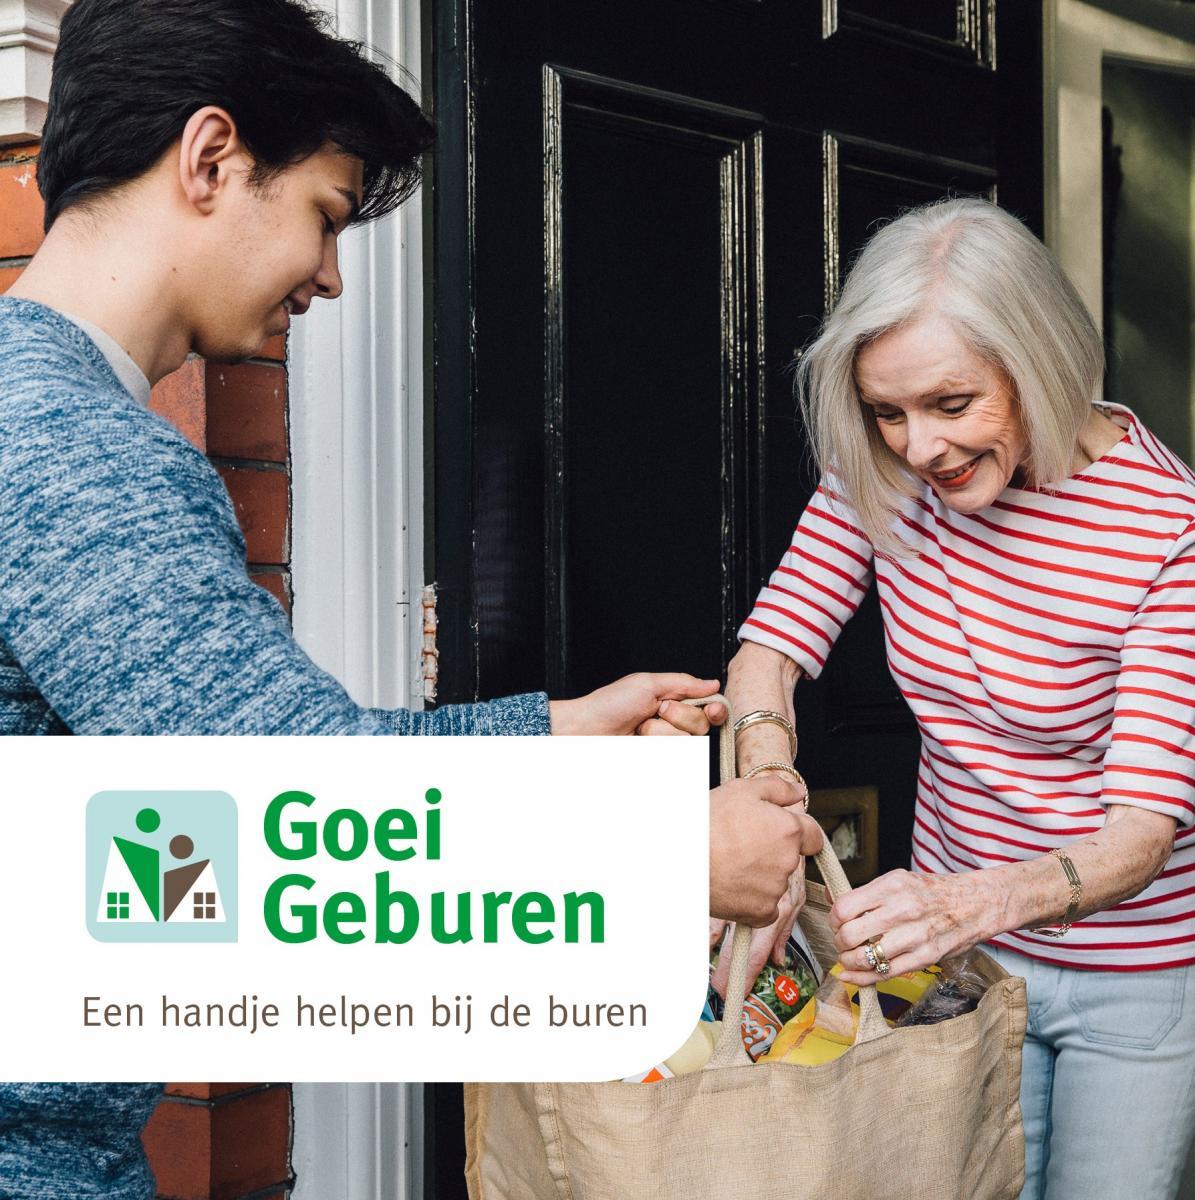 Goei Geburen, een helpende hand bij de buren.